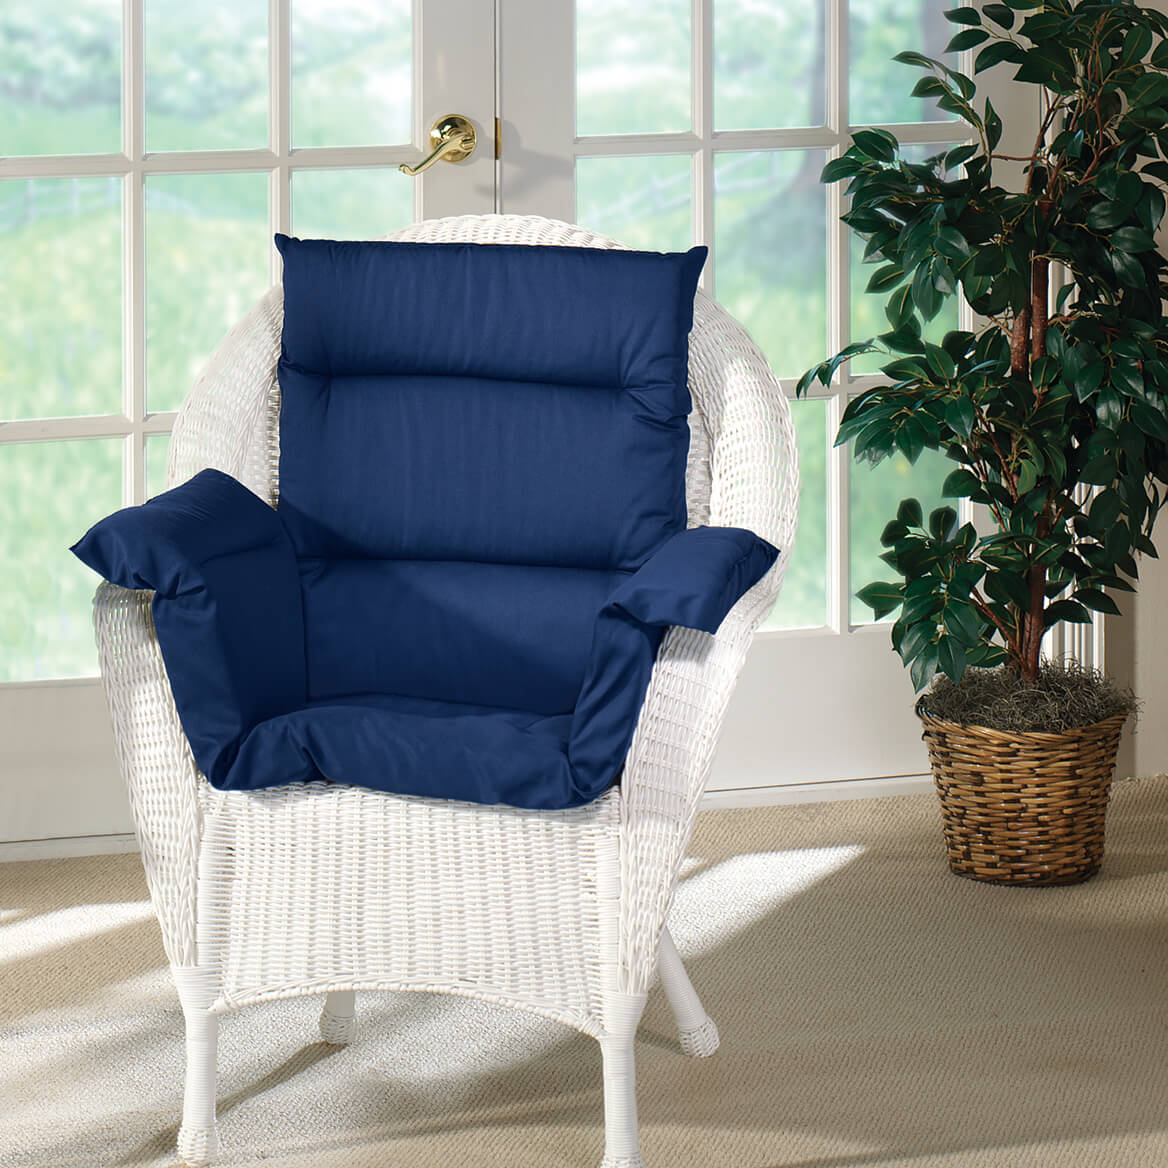 Pressure Reducing Chair Cushion-302562